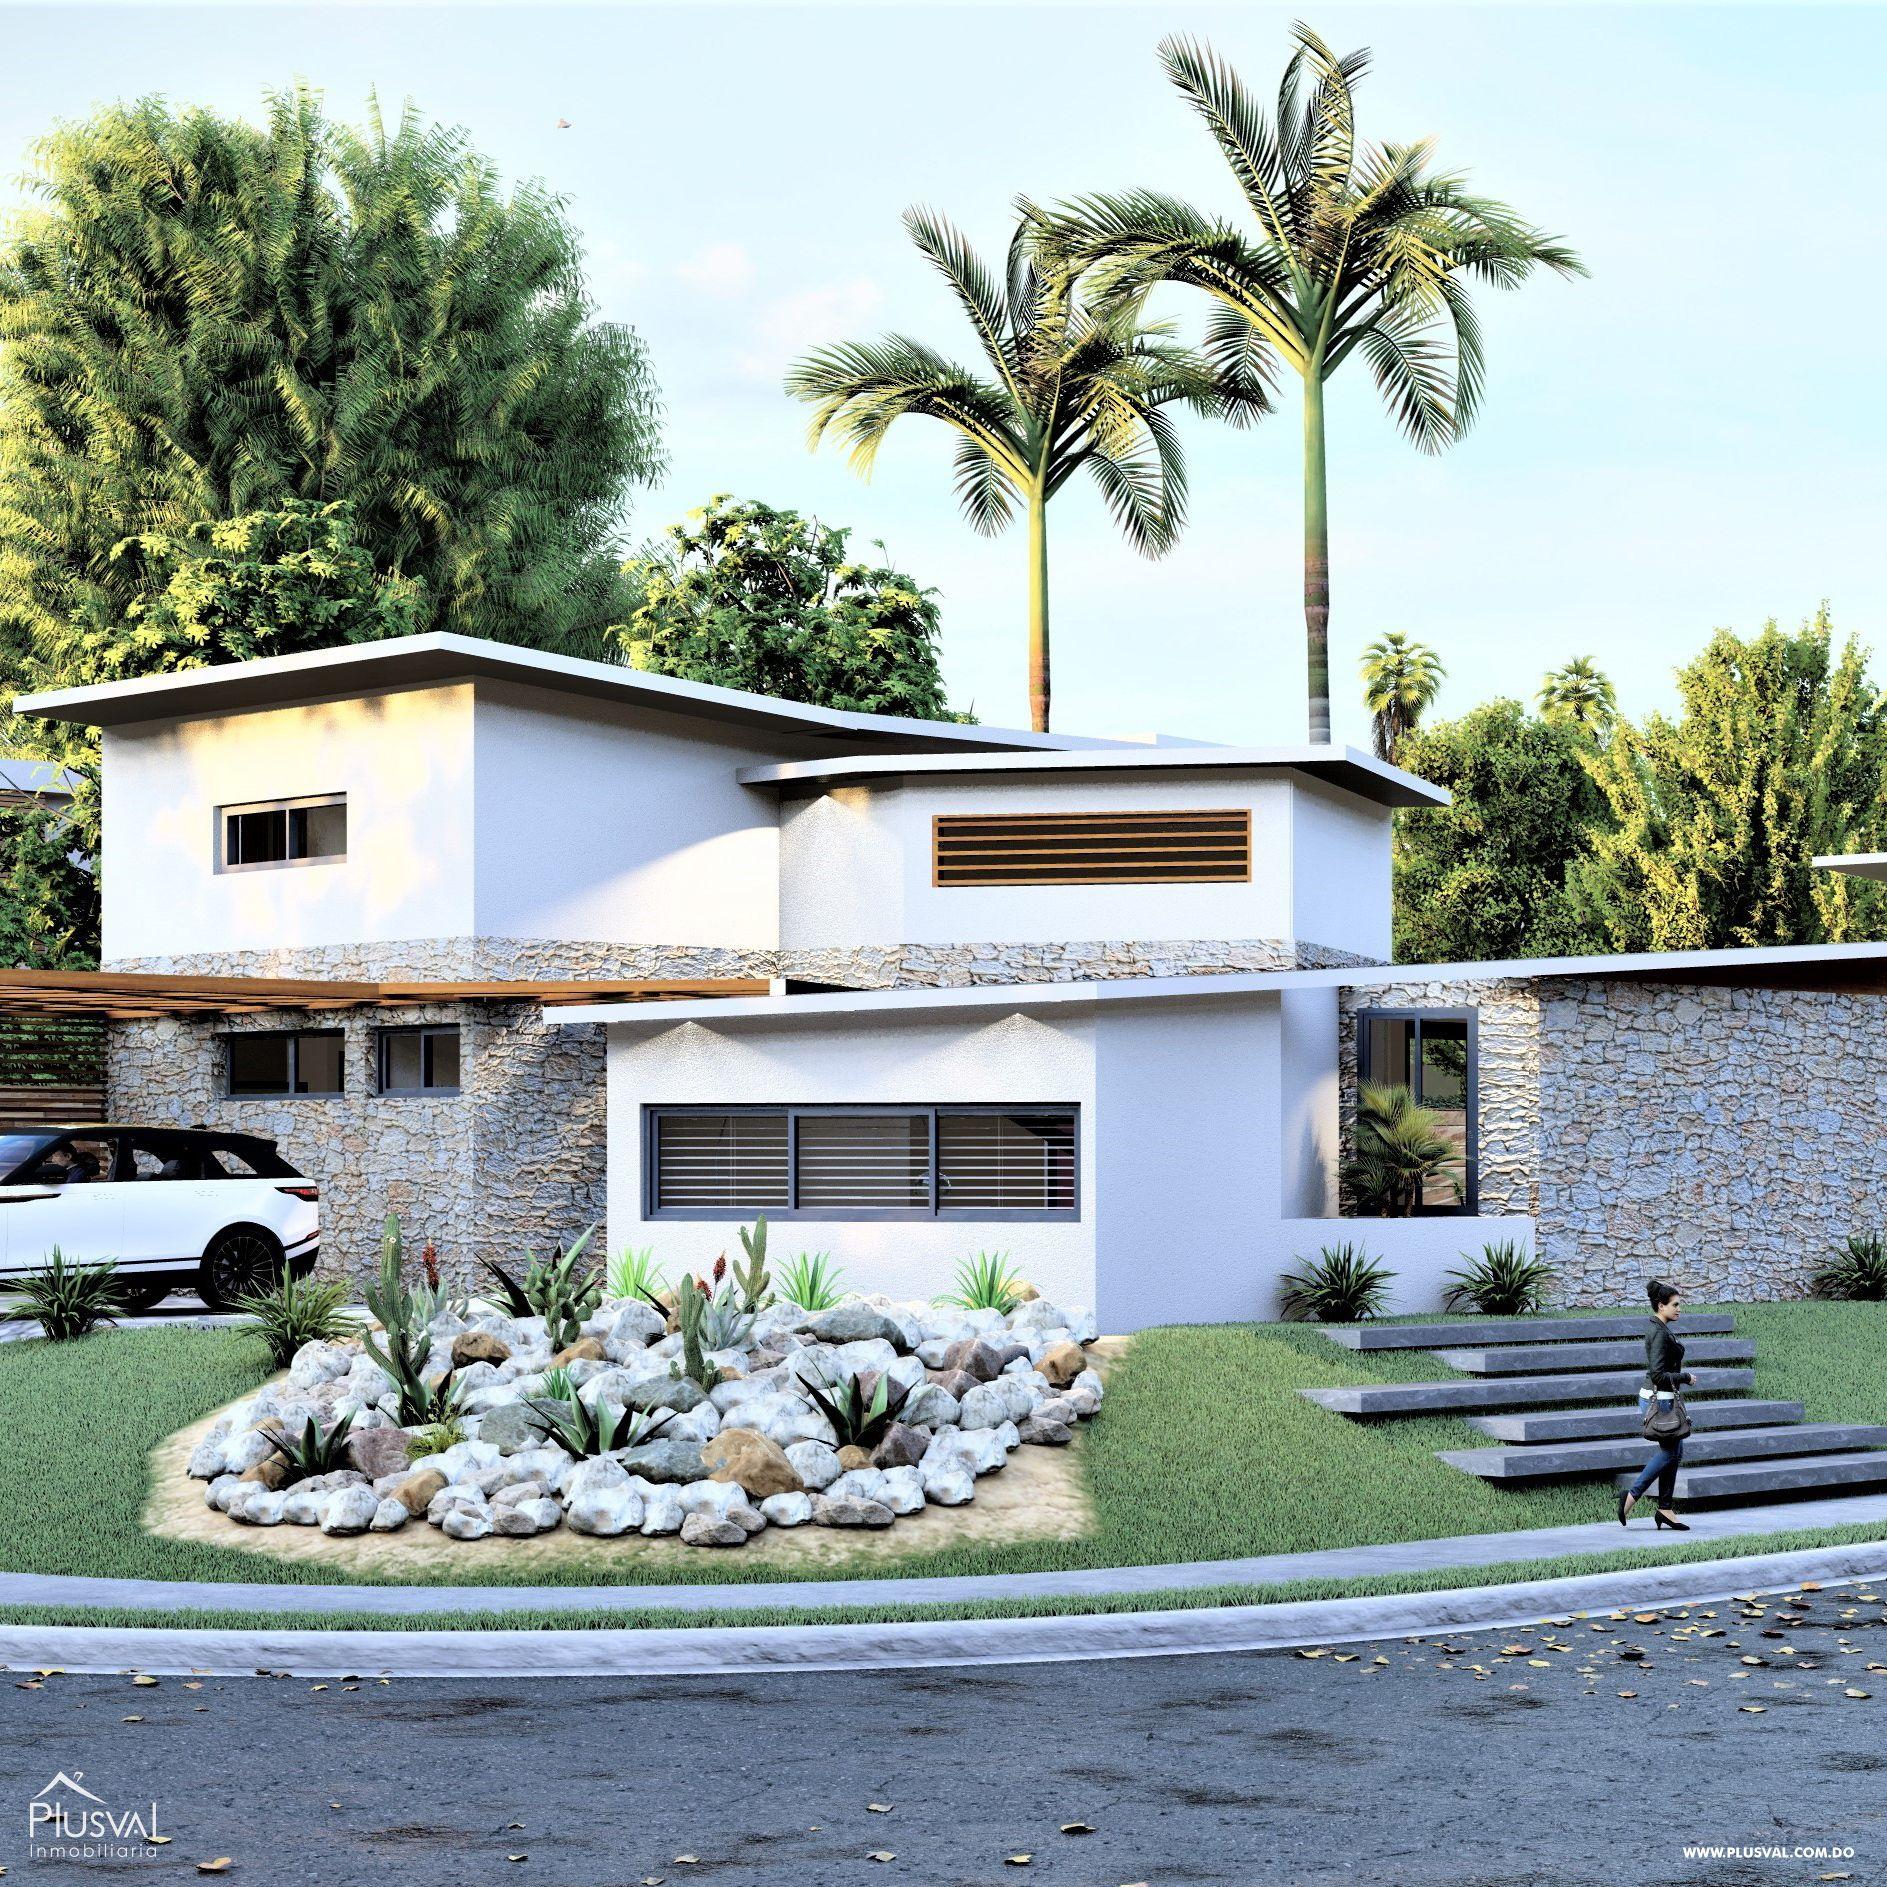 Villa en venta, ubicada en Punta Cana.